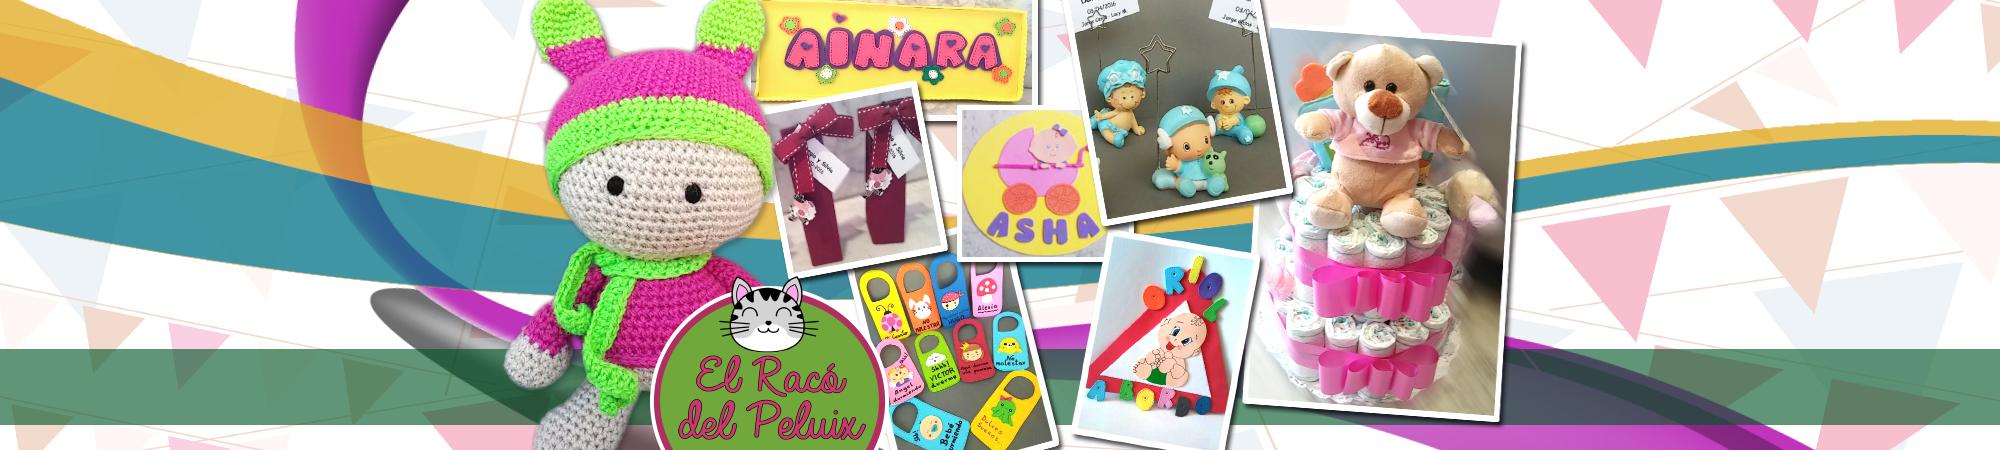 marionetas cornella baix llobregat, juguetes oferta de peluche cornella baix llobregat,